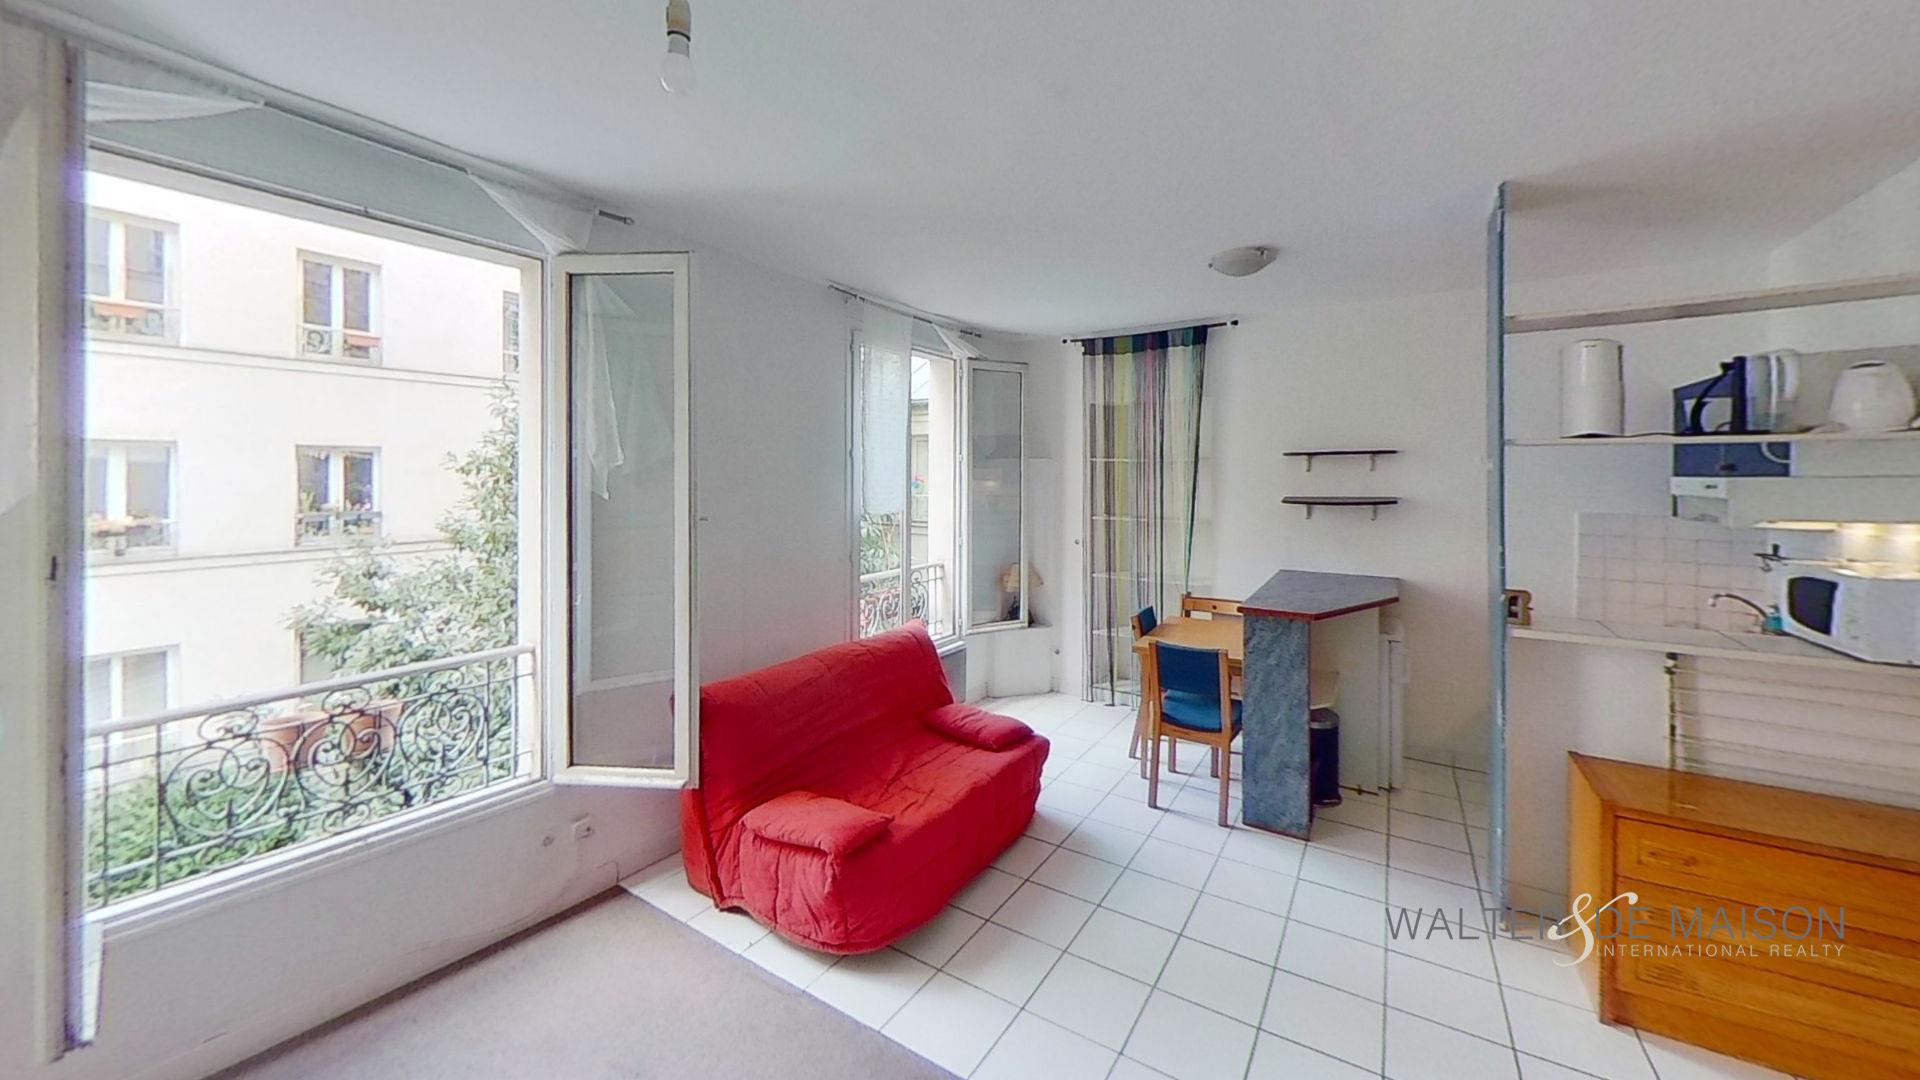 Appartement 1 pièce(s) 26.5 m²                         75011 PARIS